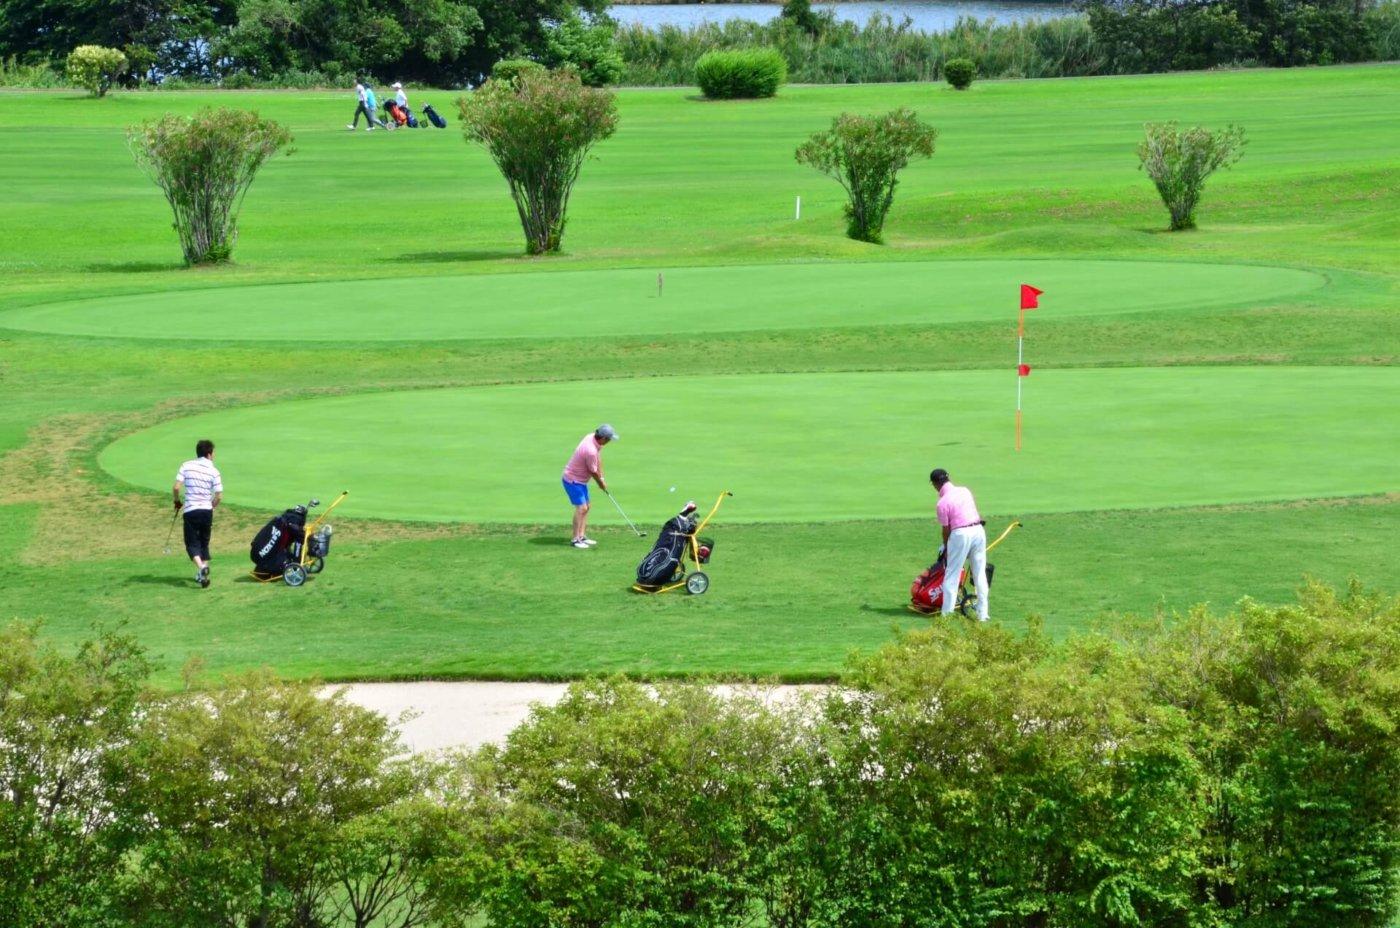 ゴルフにも保険があります